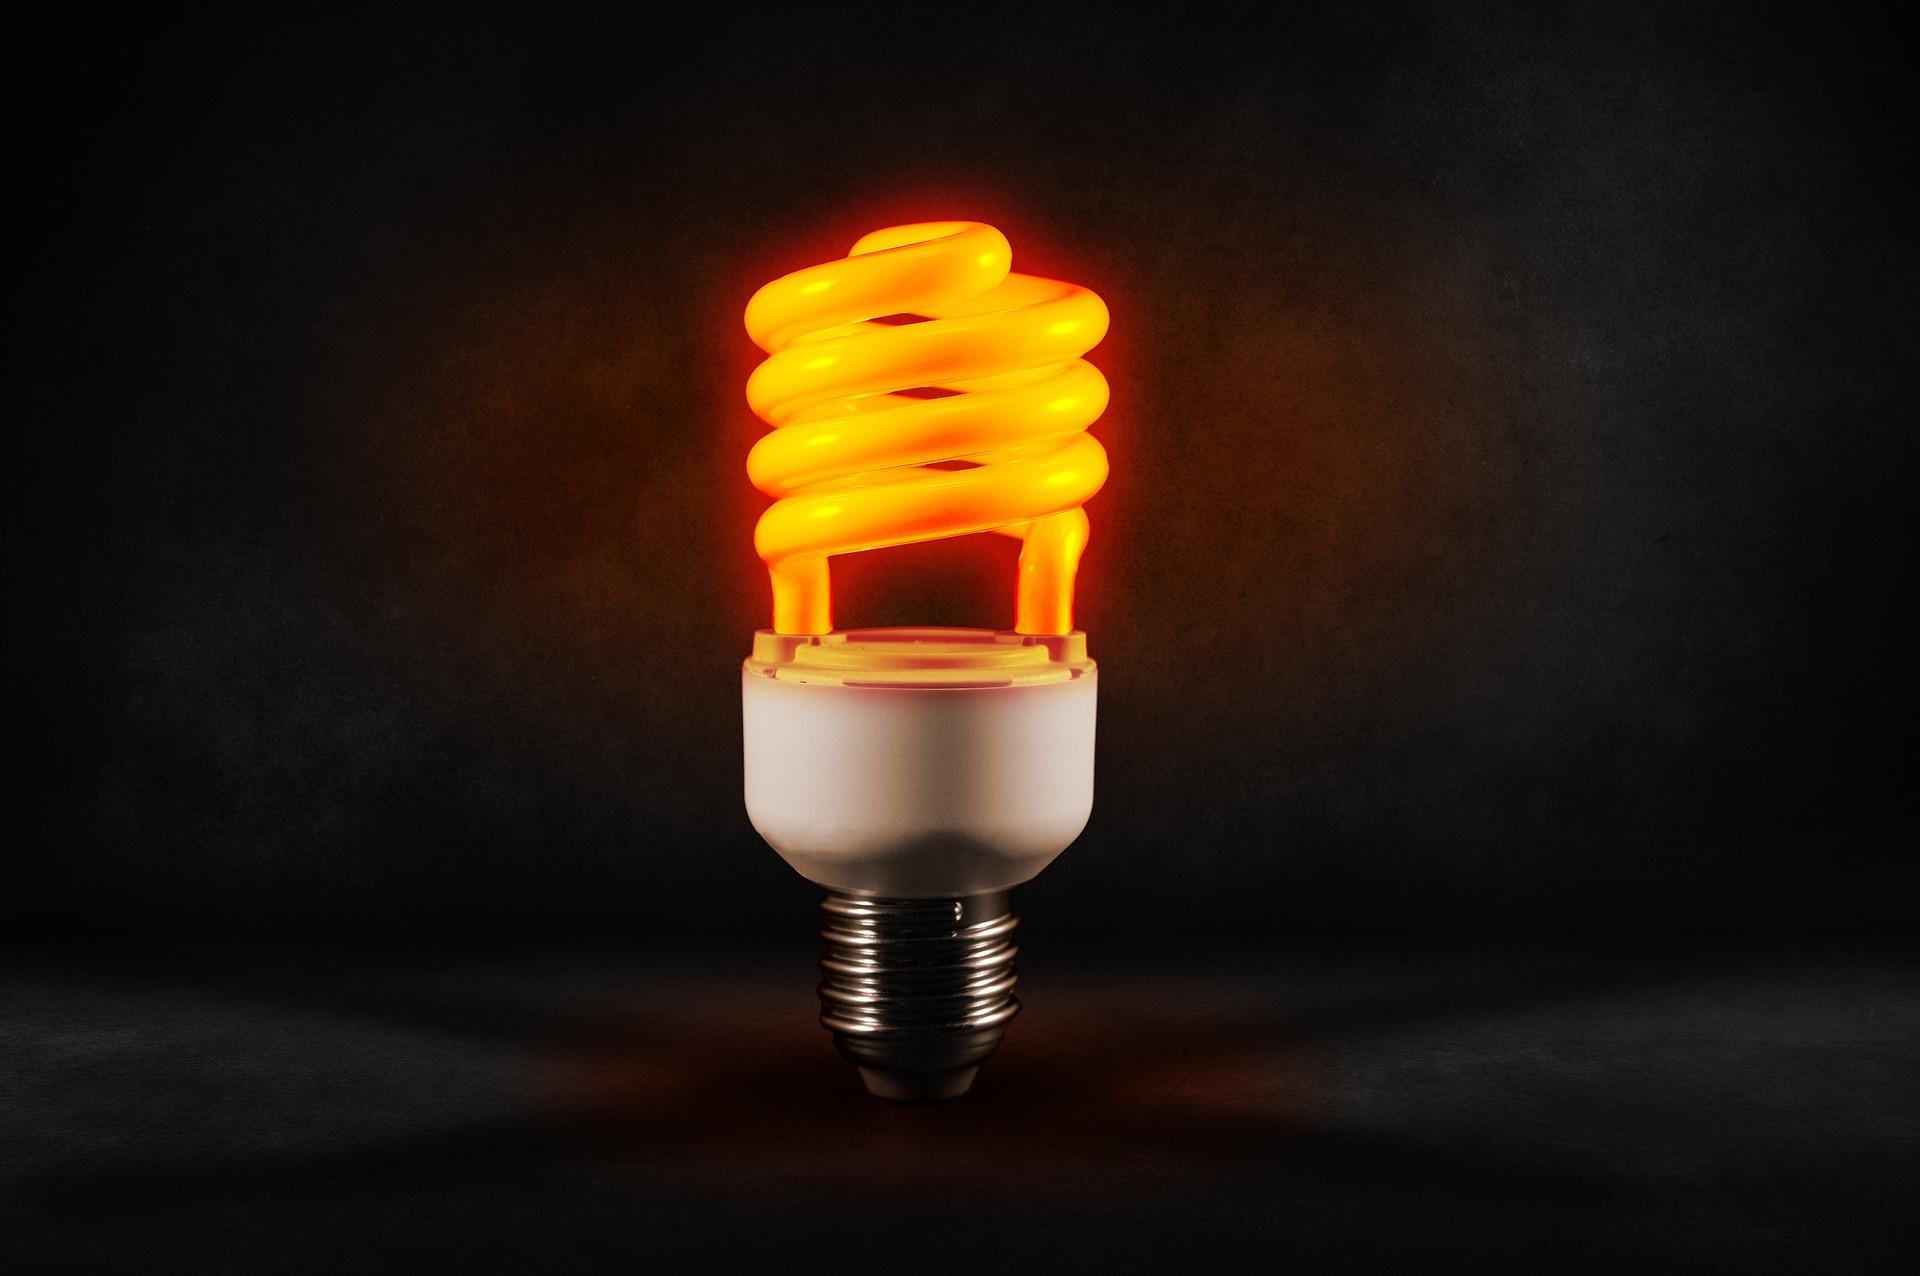 higiene-industrial-bombilla Higiene Industrial: El Mercurio y las bombillas de bajo consumo